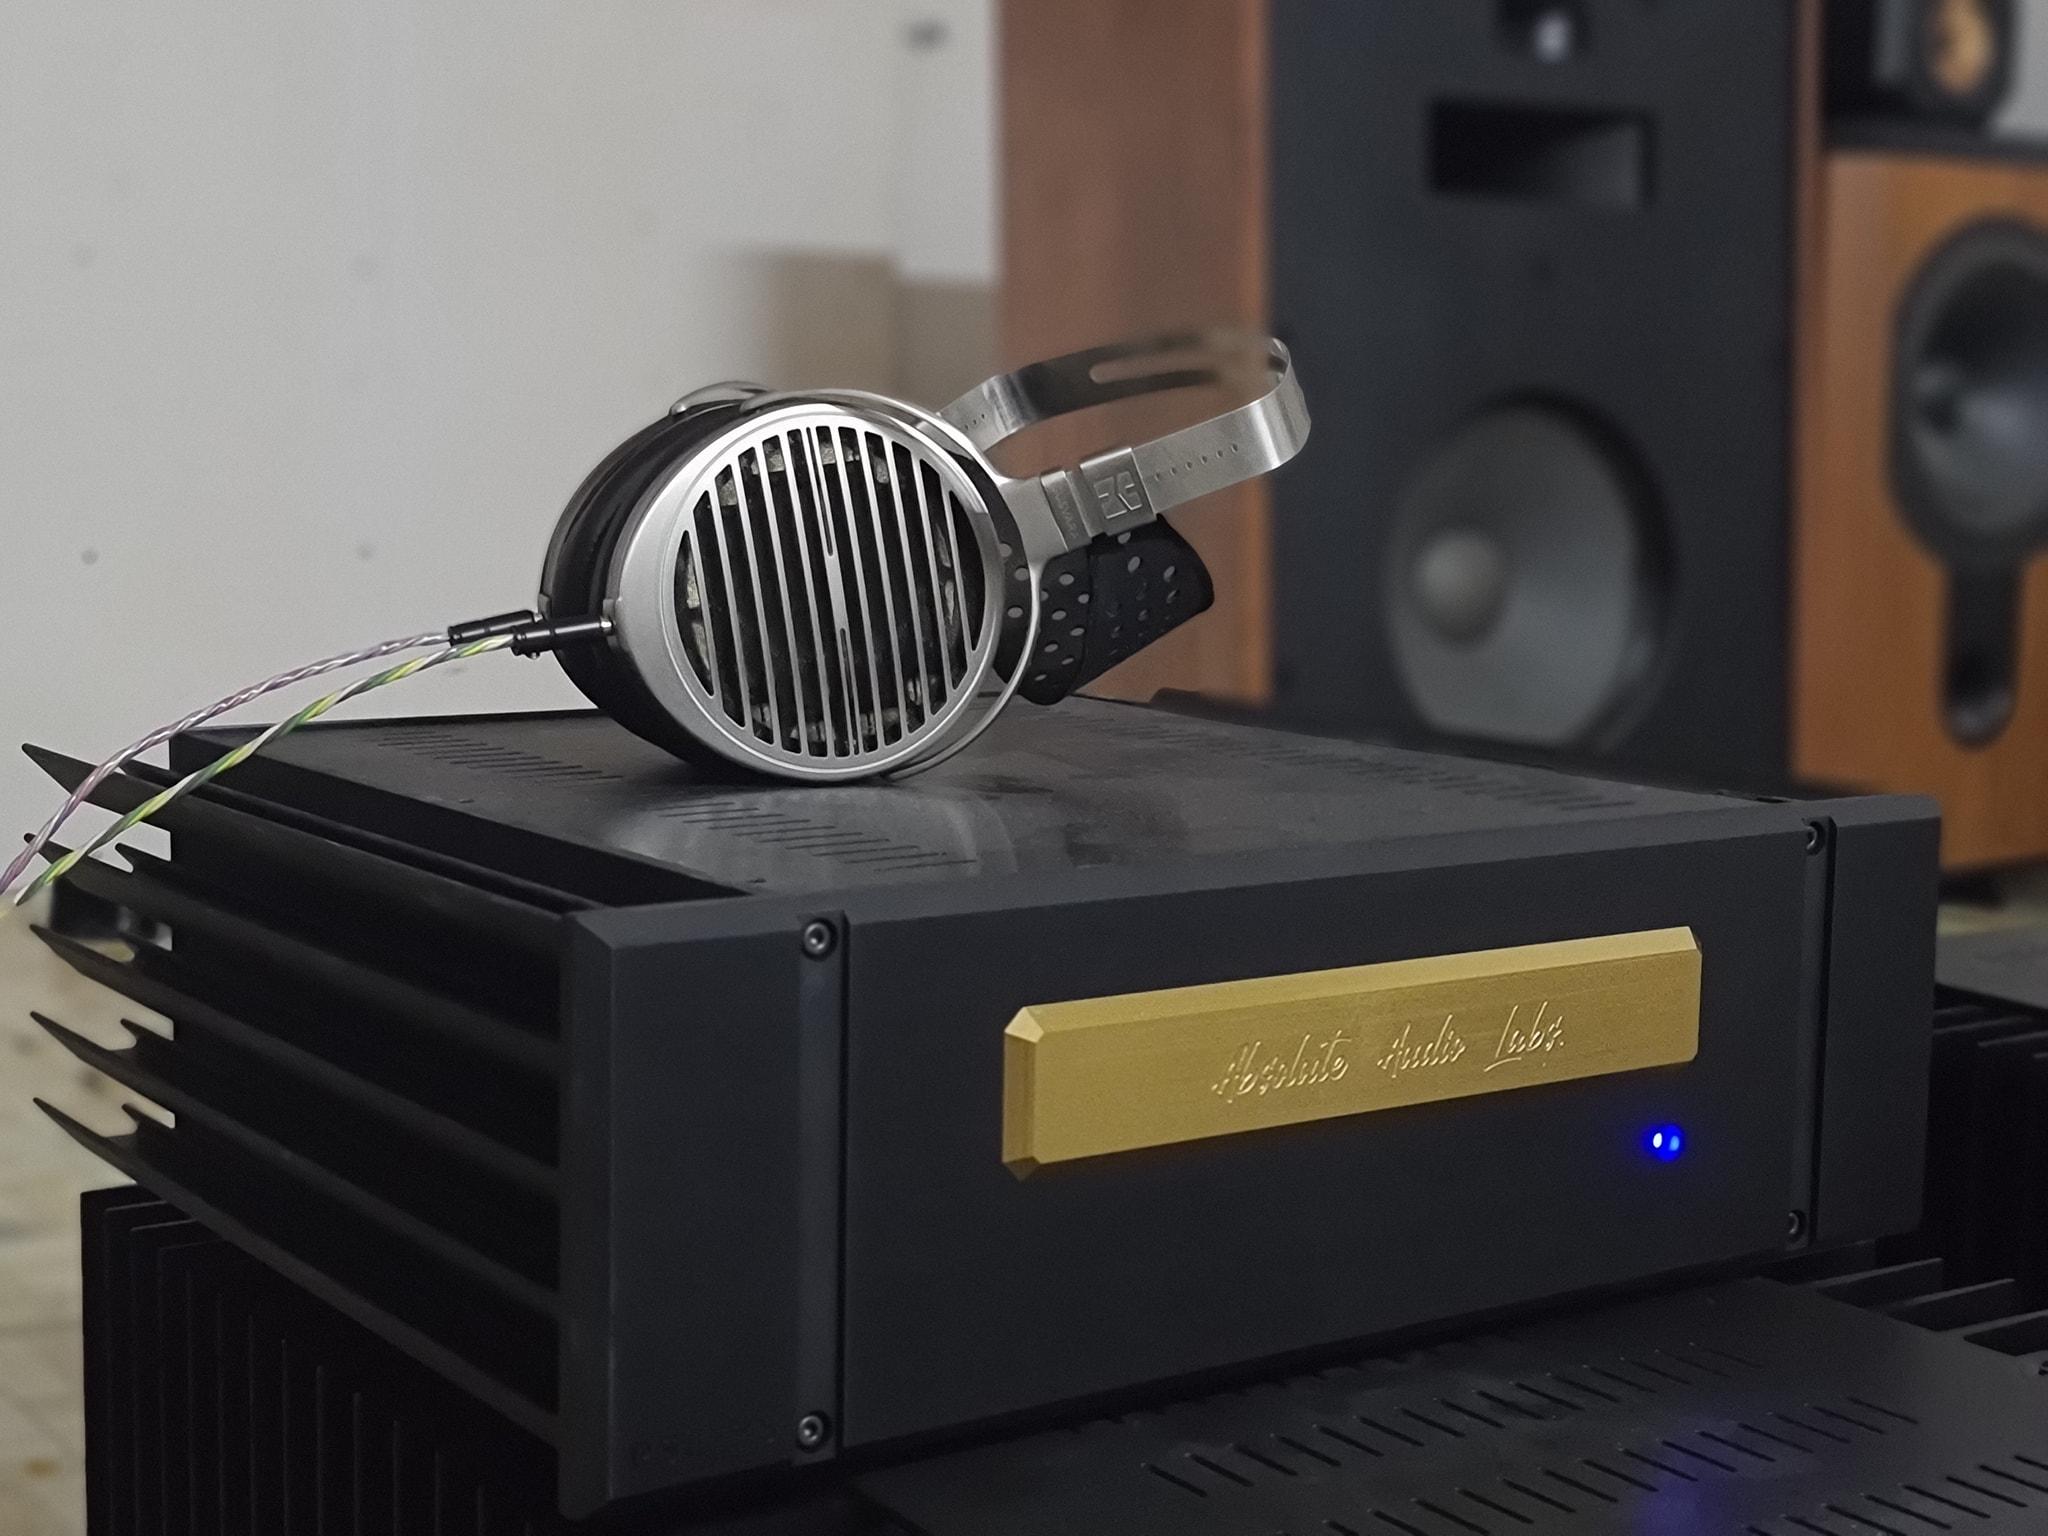 HiFiMan Susvara audiophile systems